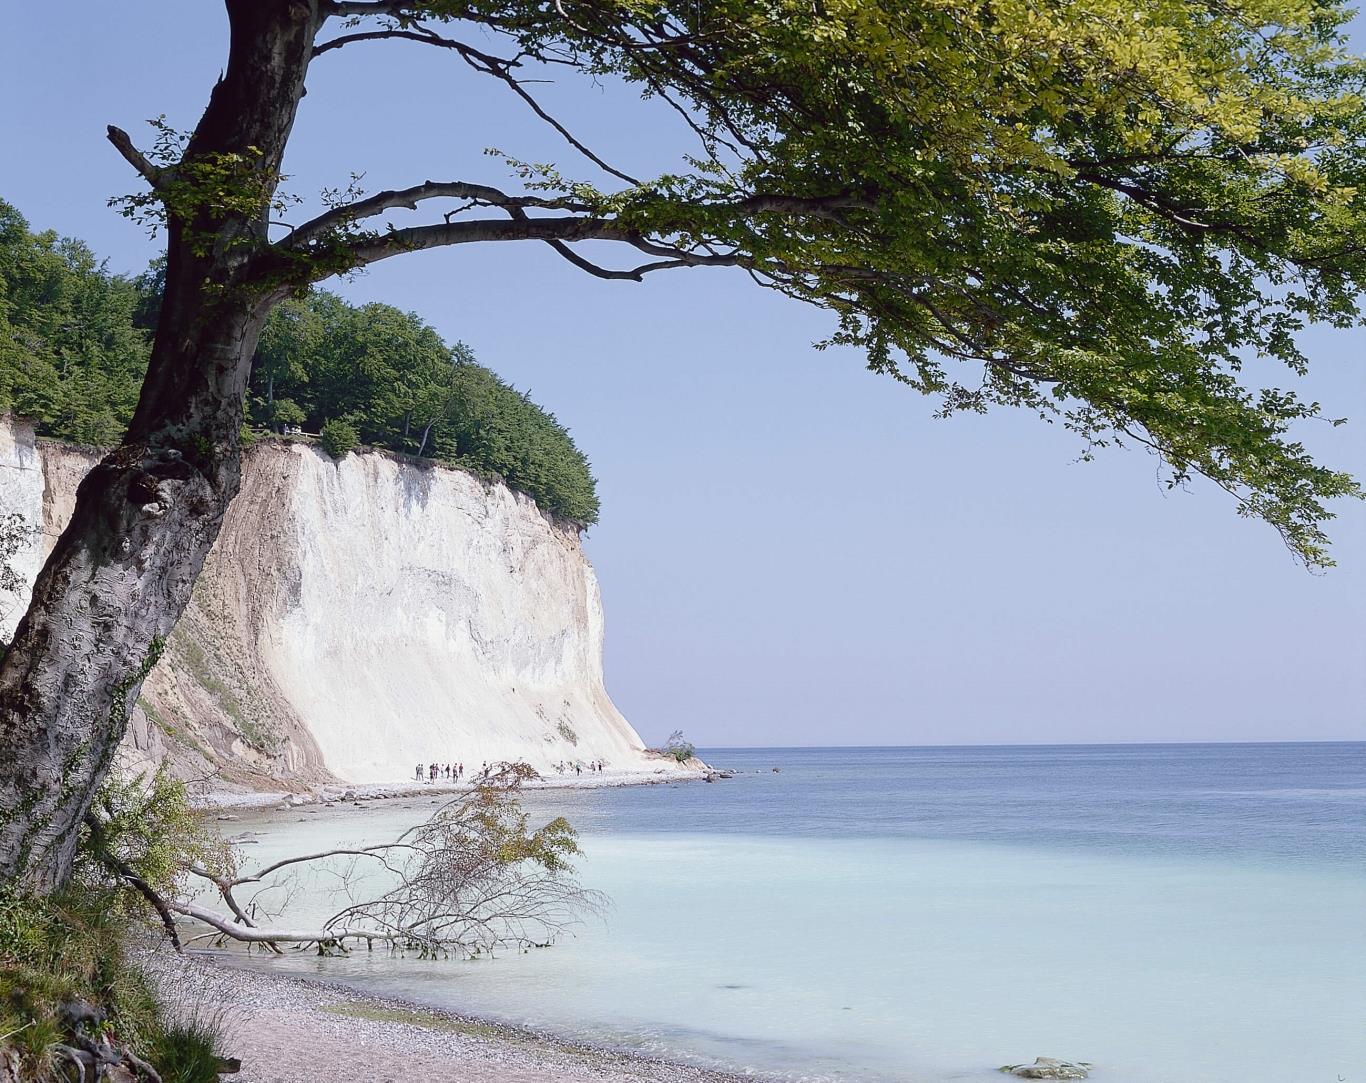 Đảo Rugen Island là hòn đảo nổi tiếng với vẻ đẹp hoang sơ, yên bình